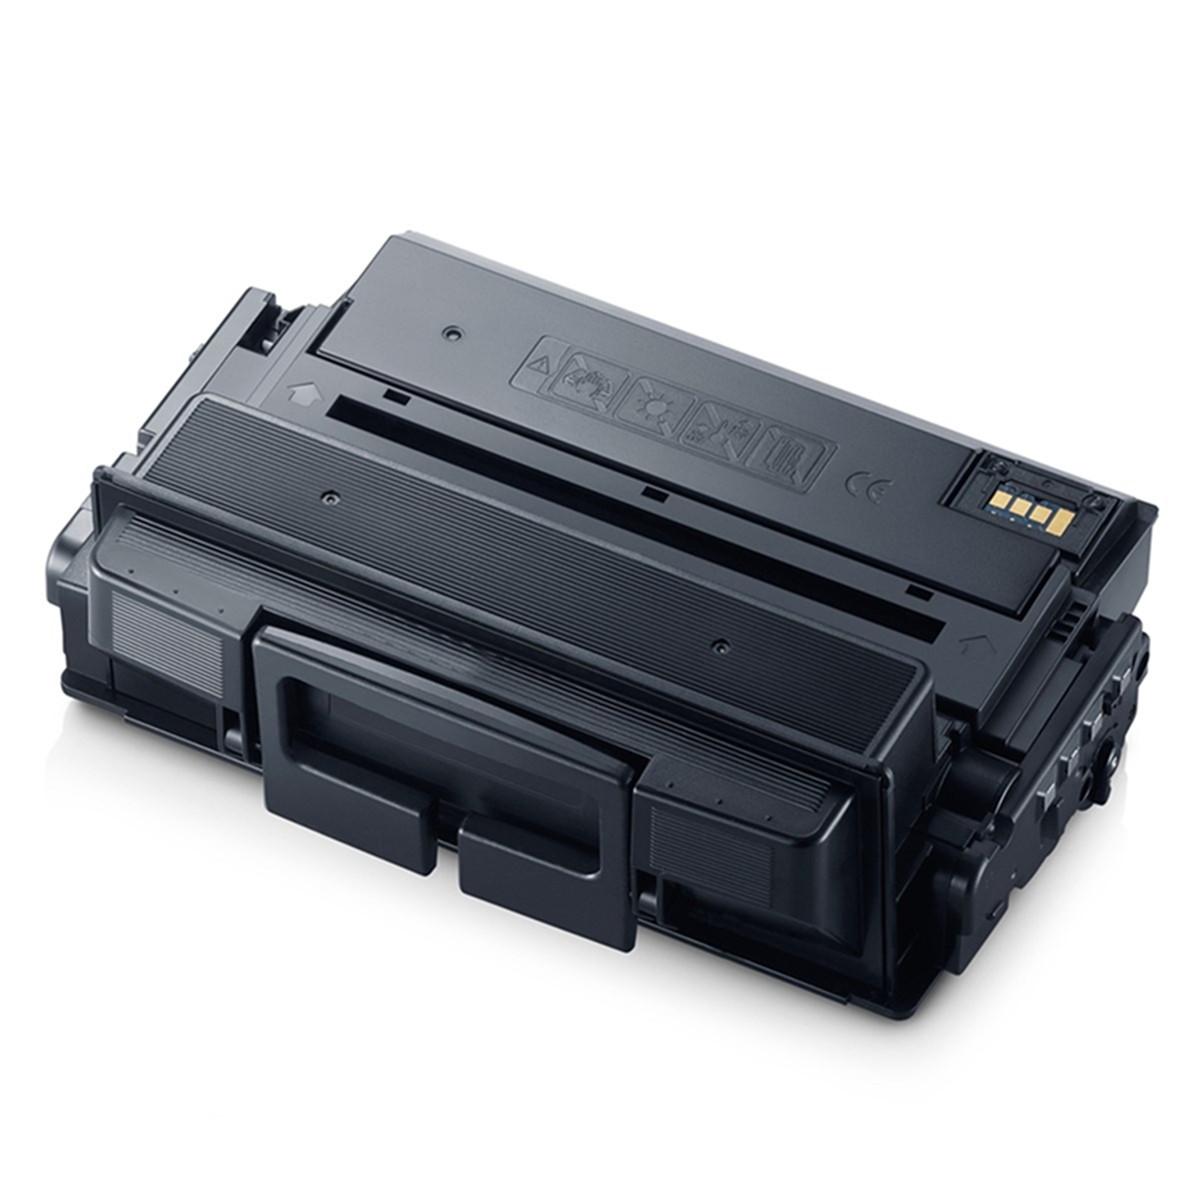 Toner Compatível com Samsung MLT-D203E D203   M3820 M4020 M3870 M4070   Premium Quality 10k